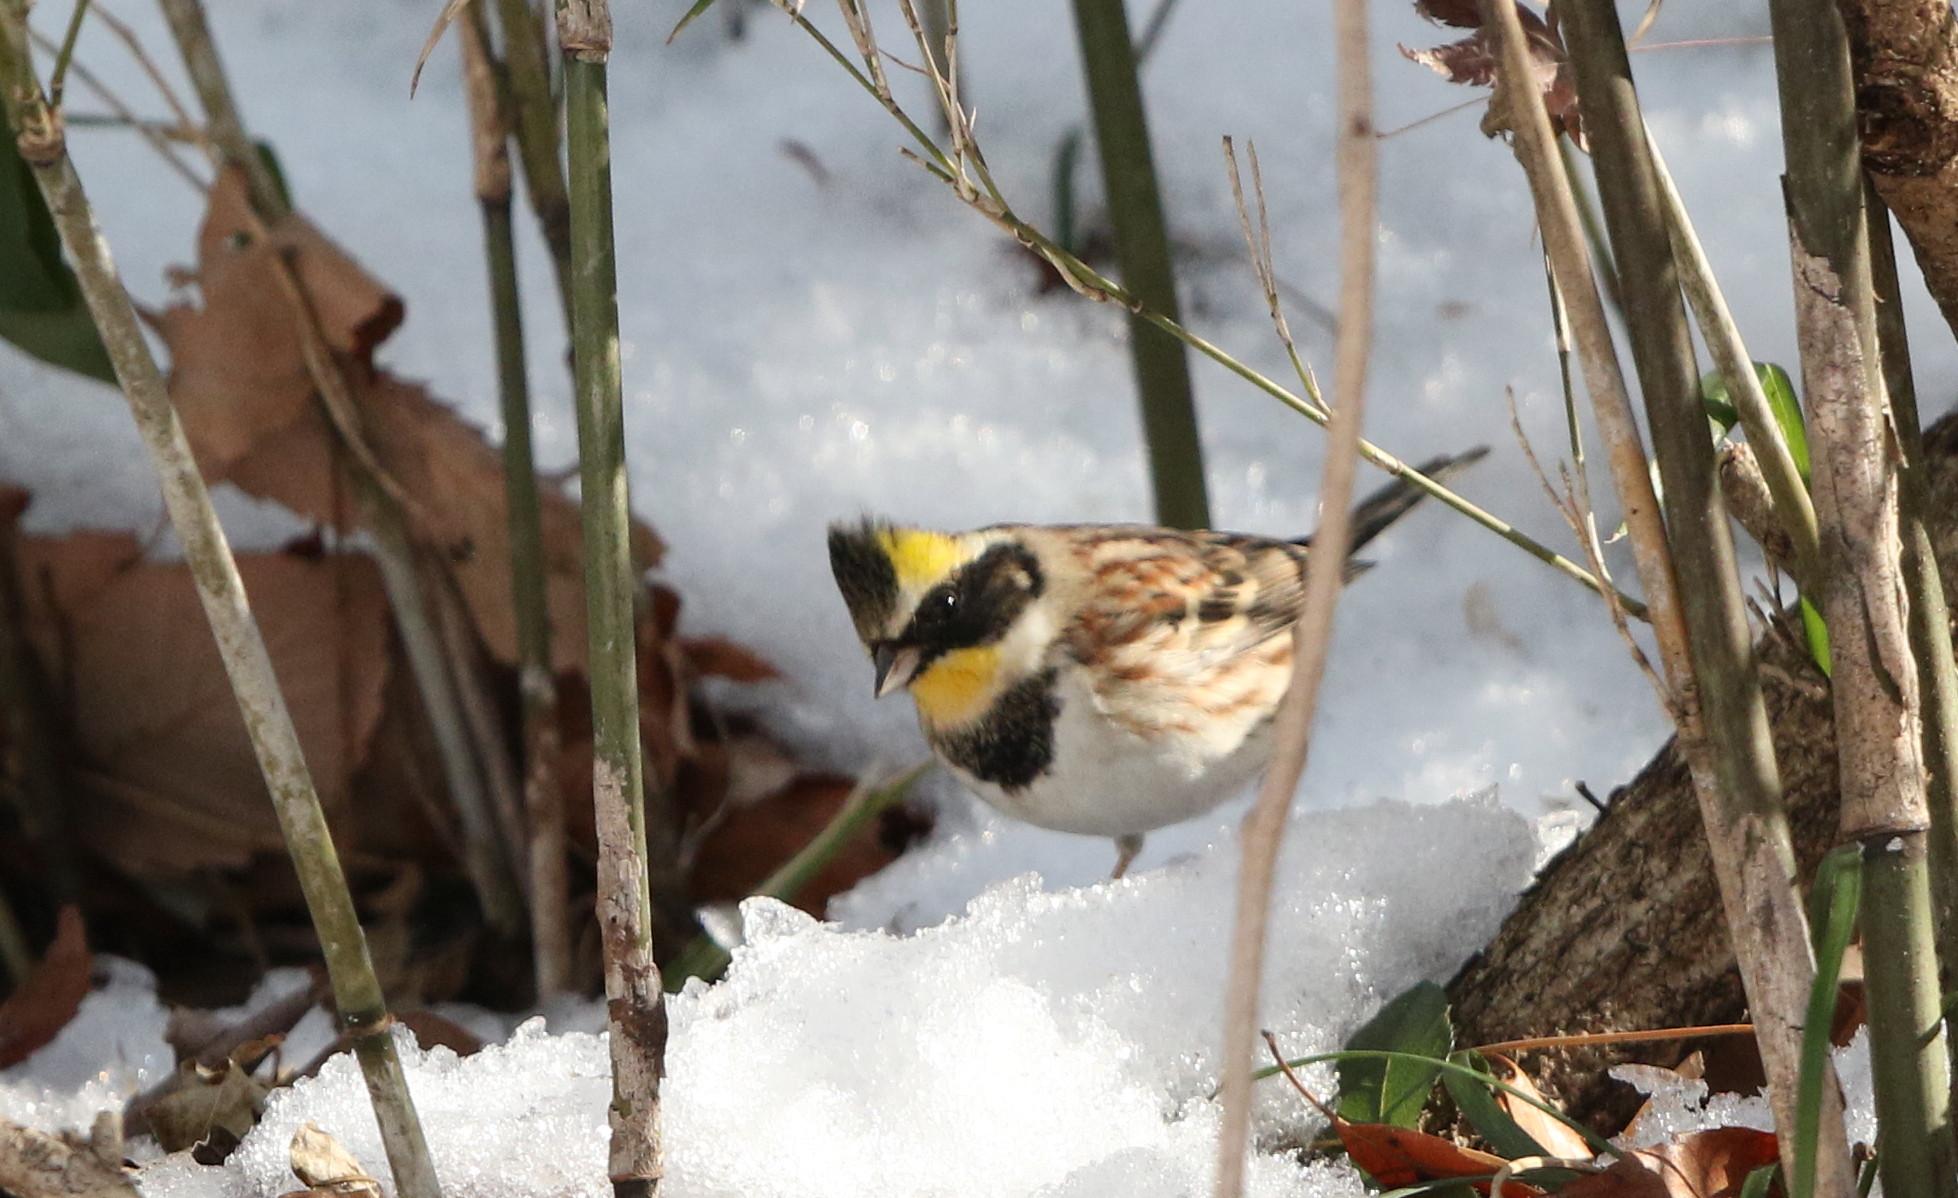 雪絡みのミヤマホオジロに逢いに  その2(笹薮から顔を出し)_f0239515_1841267.jpg